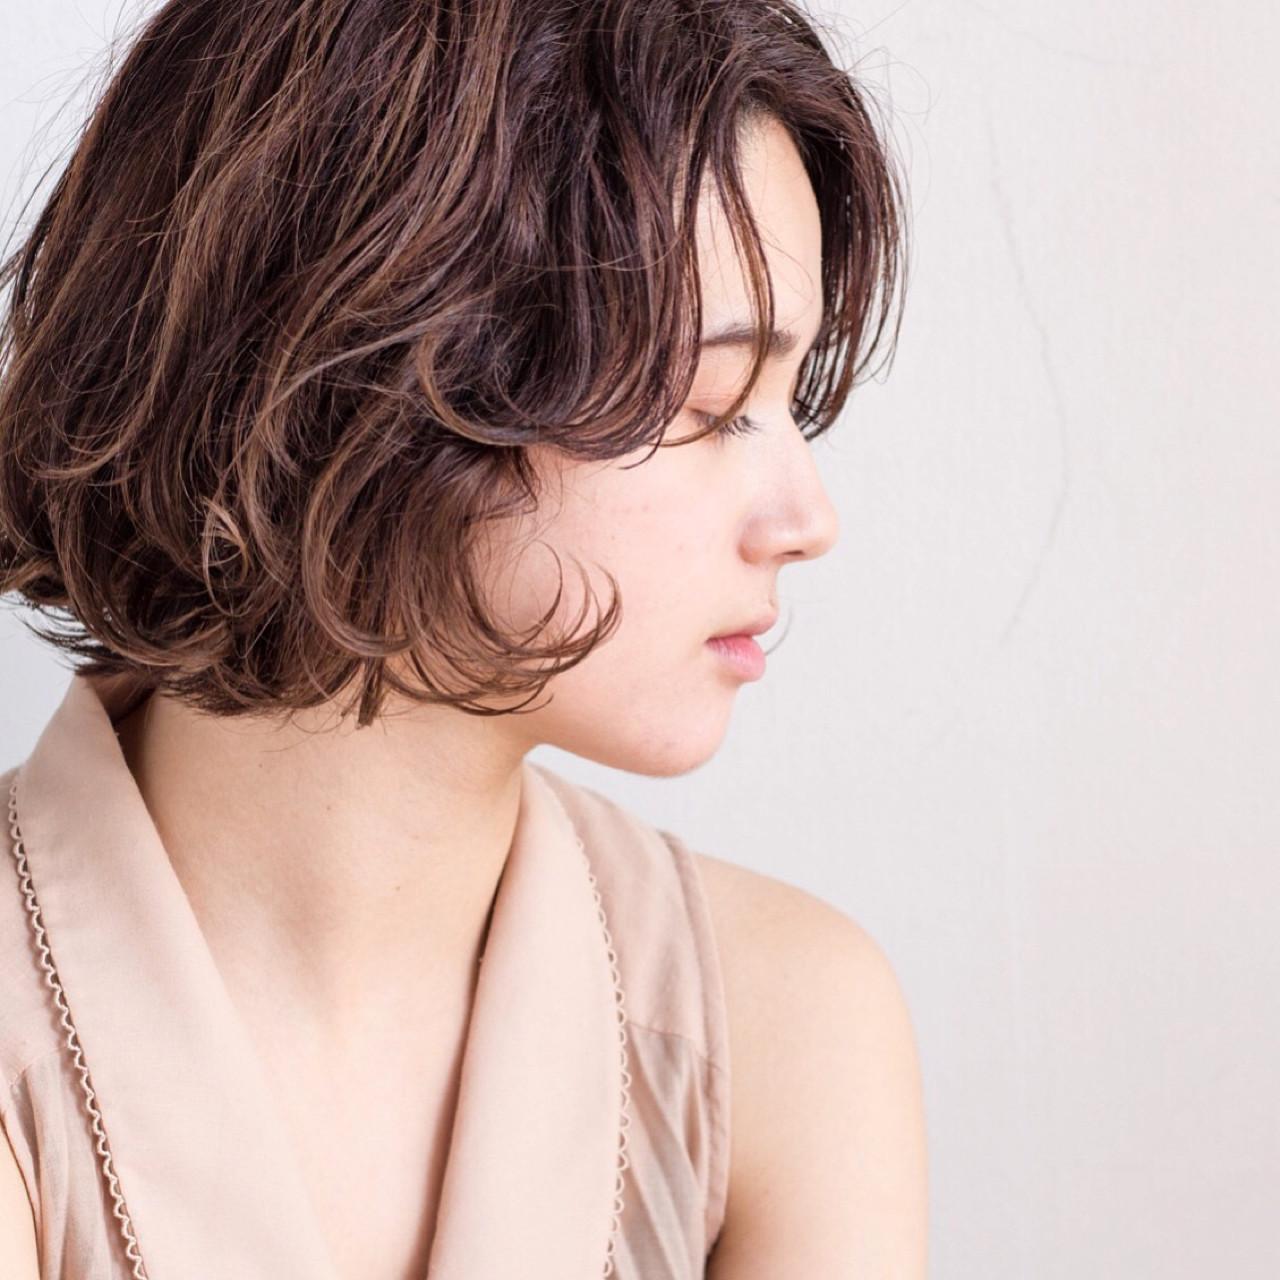 ストリート ウェットヘア ピュア  ヘアスタイルや髪型の写真・画像